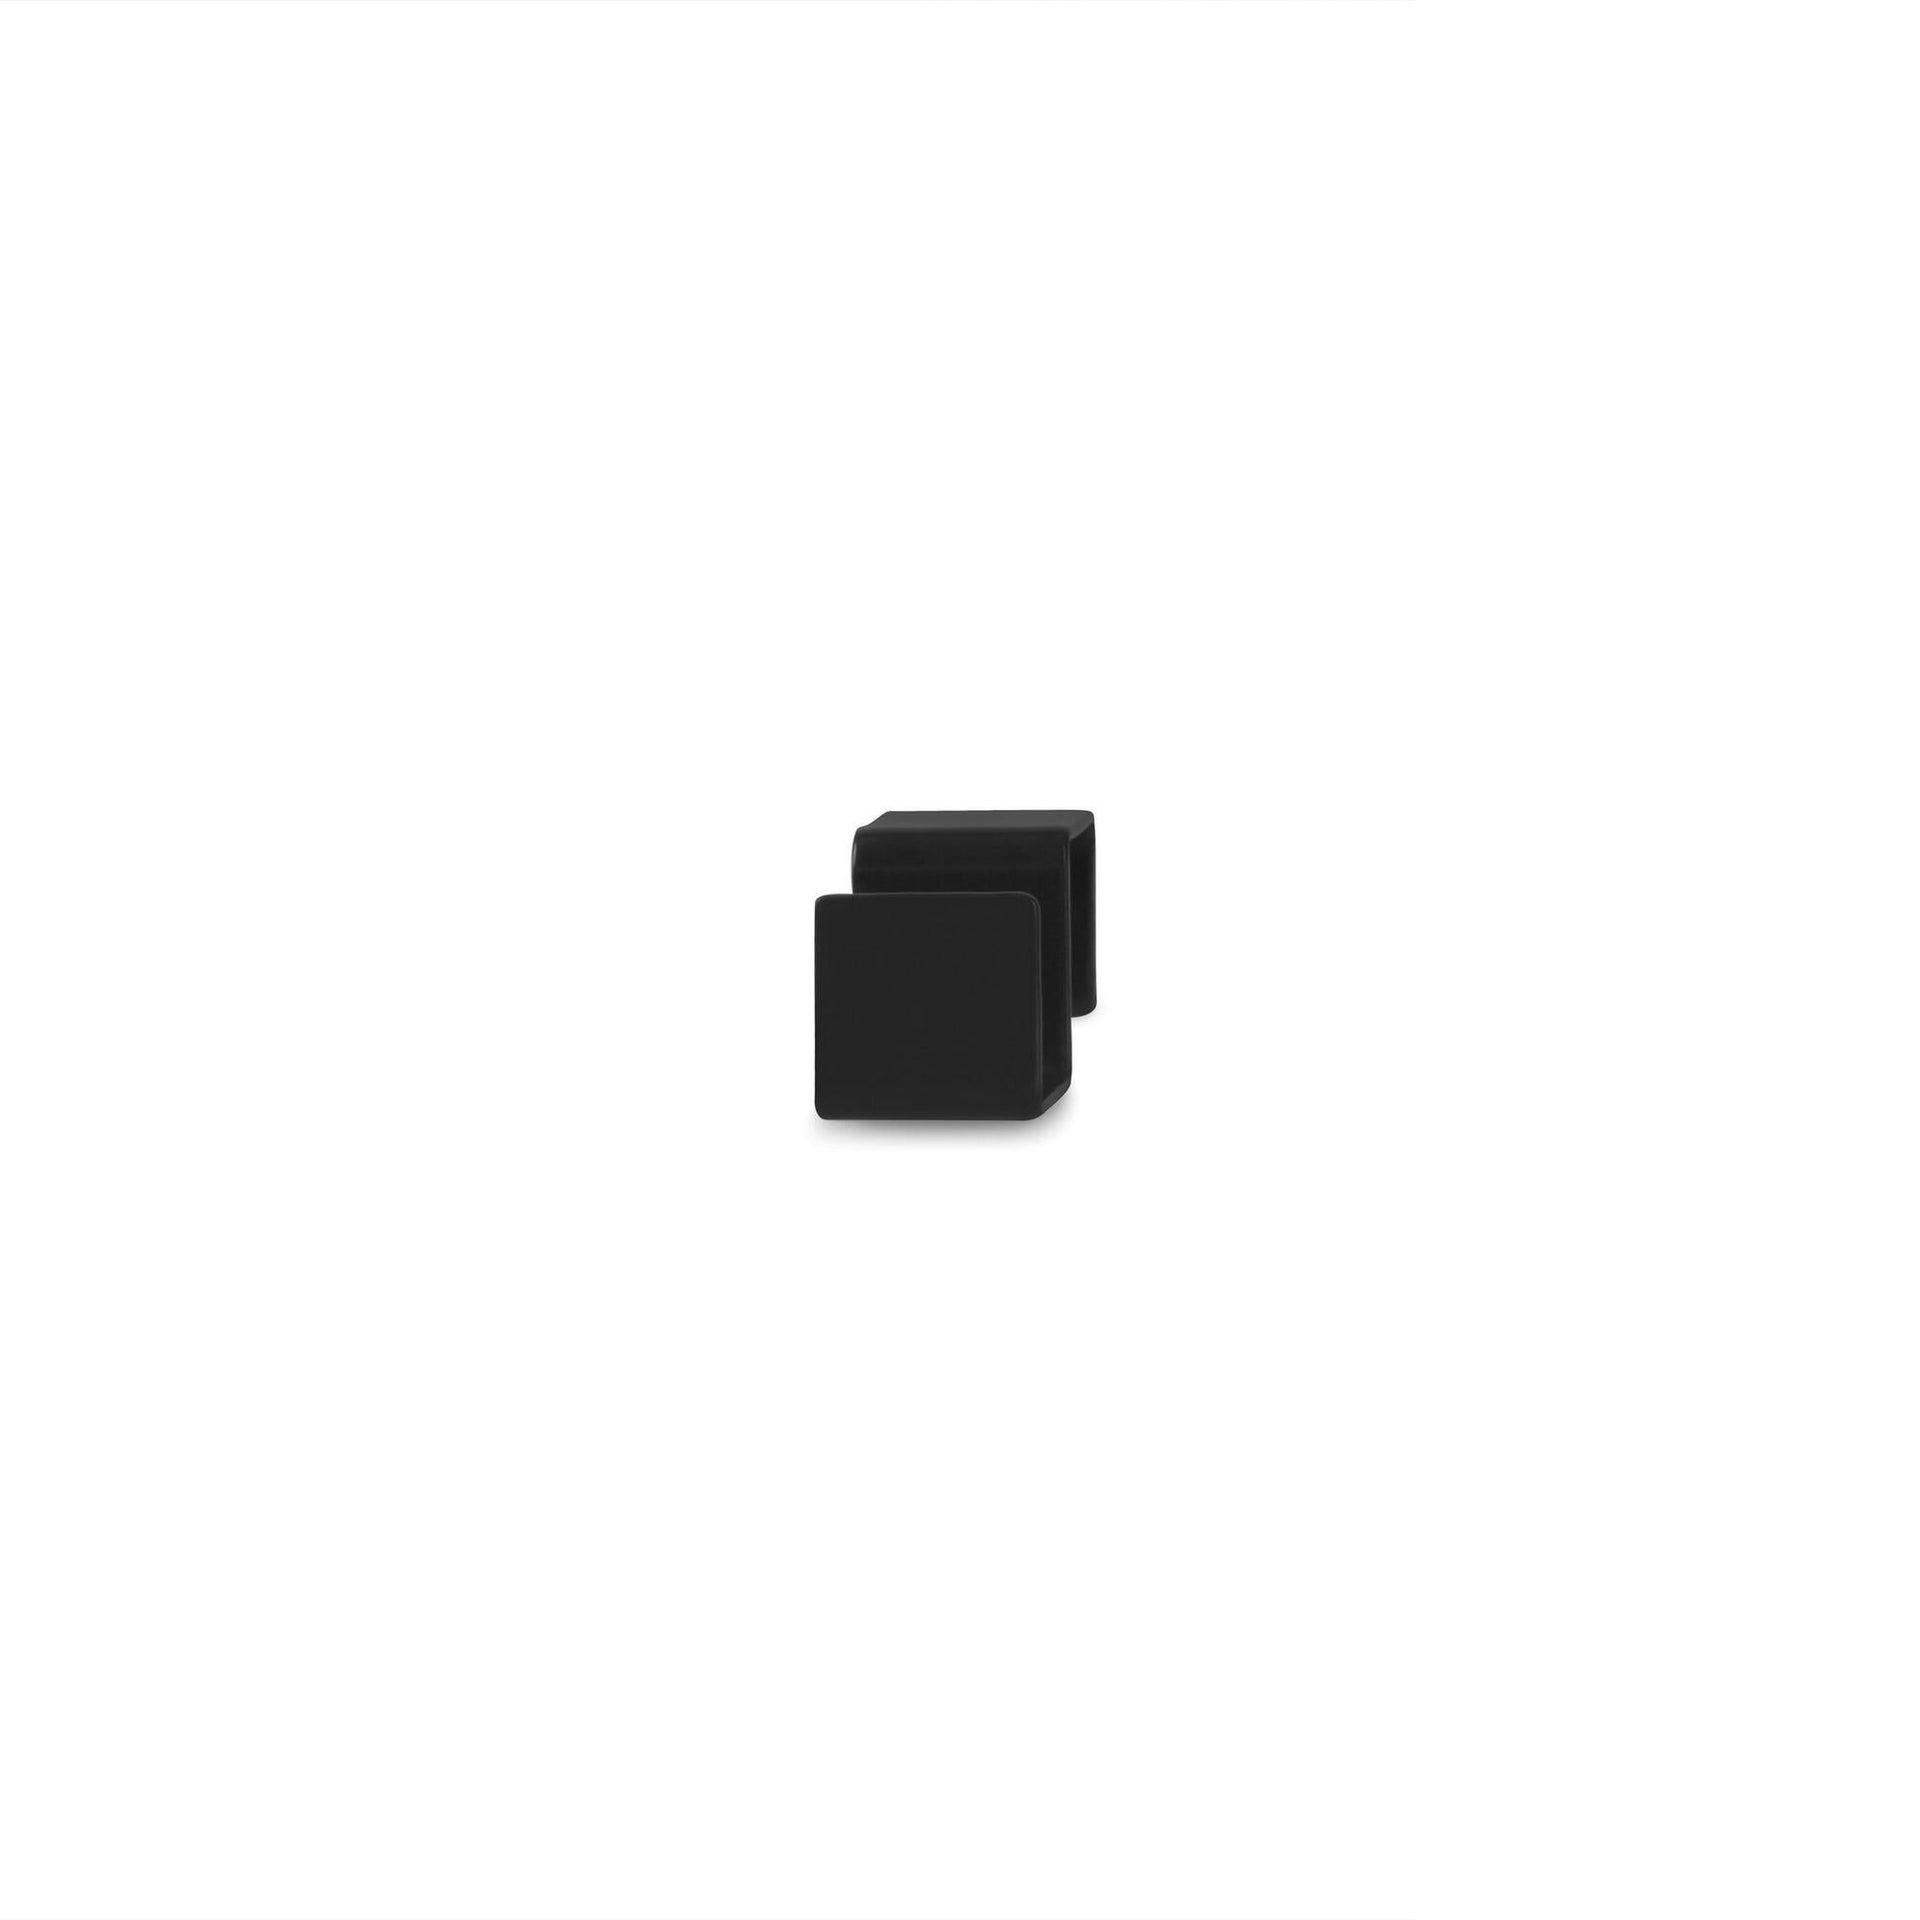 Gancio DELINIA ID in acciaio nero - 4